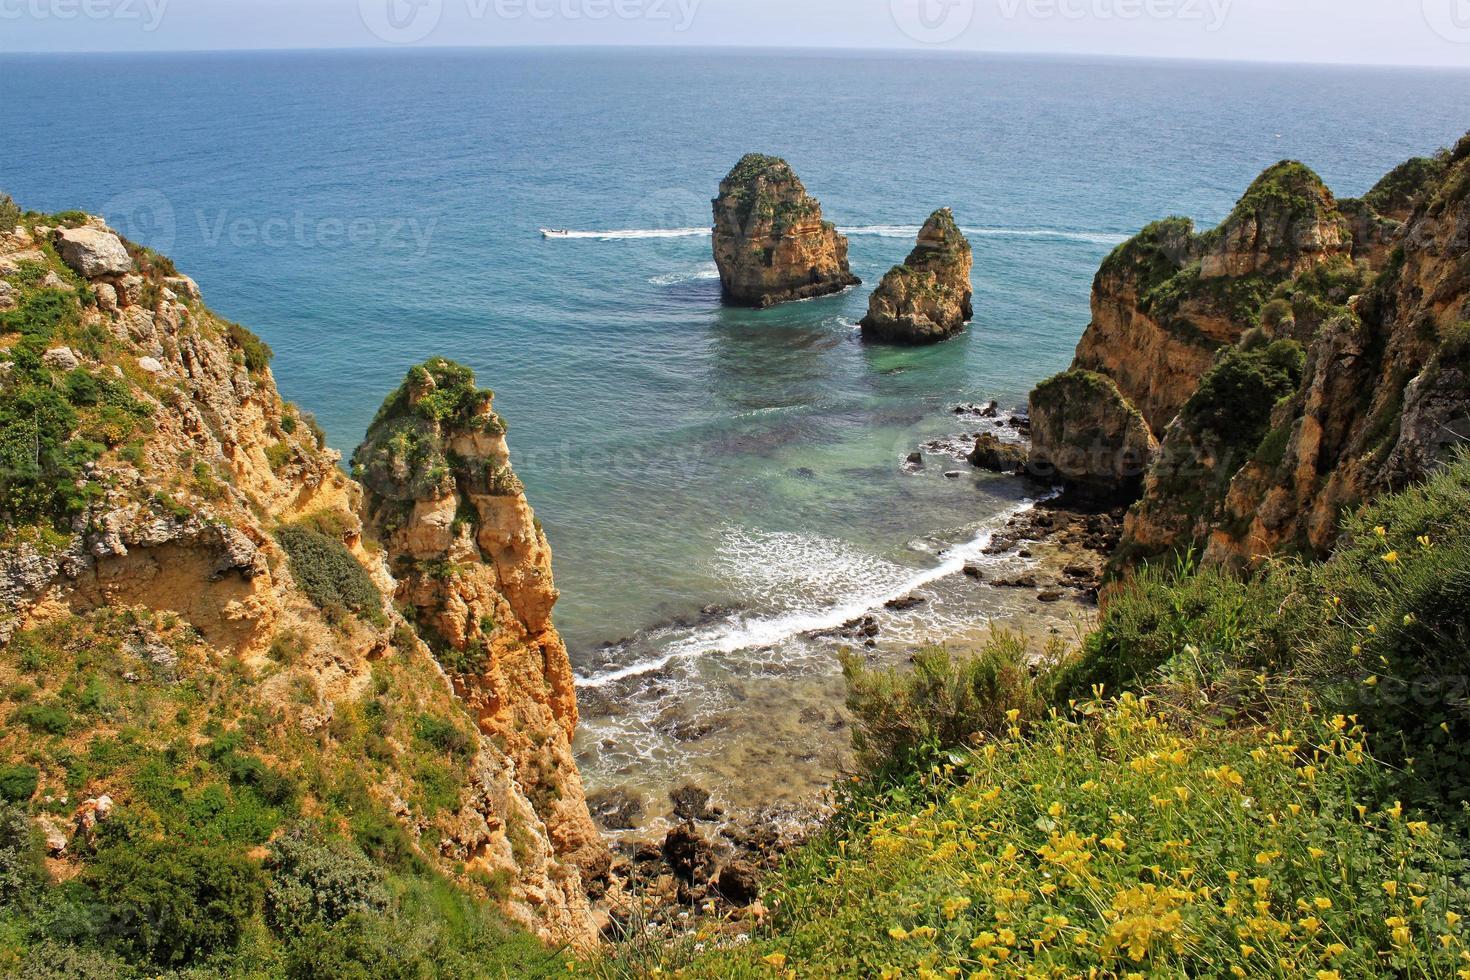 falaises de l'Algarve photo